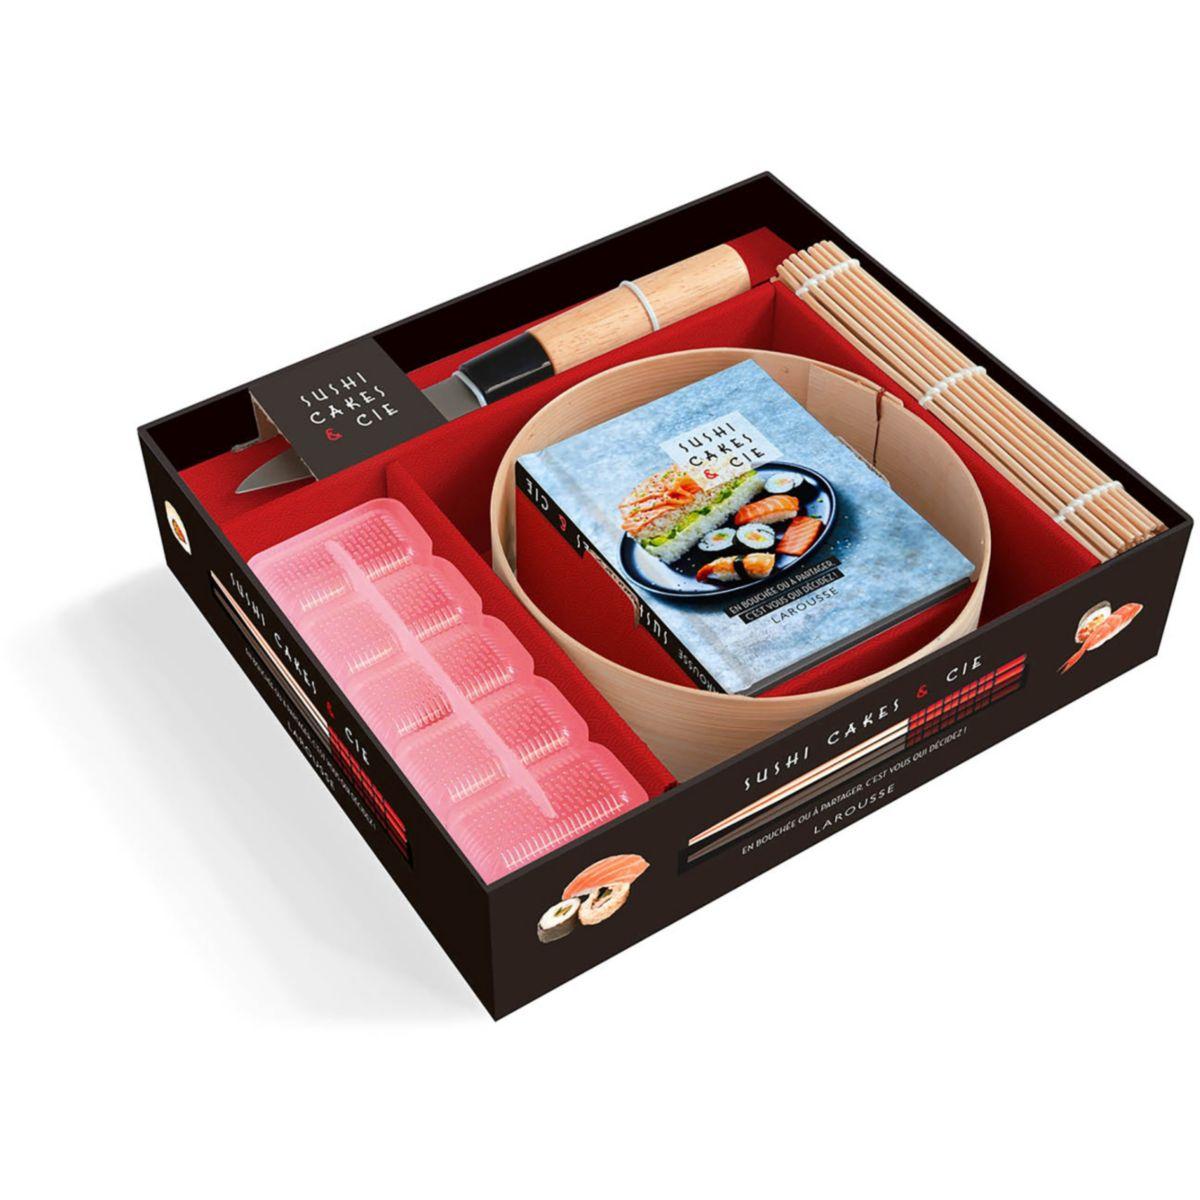 Coffret LAROUSSE Sushi cakes & cie (photo)